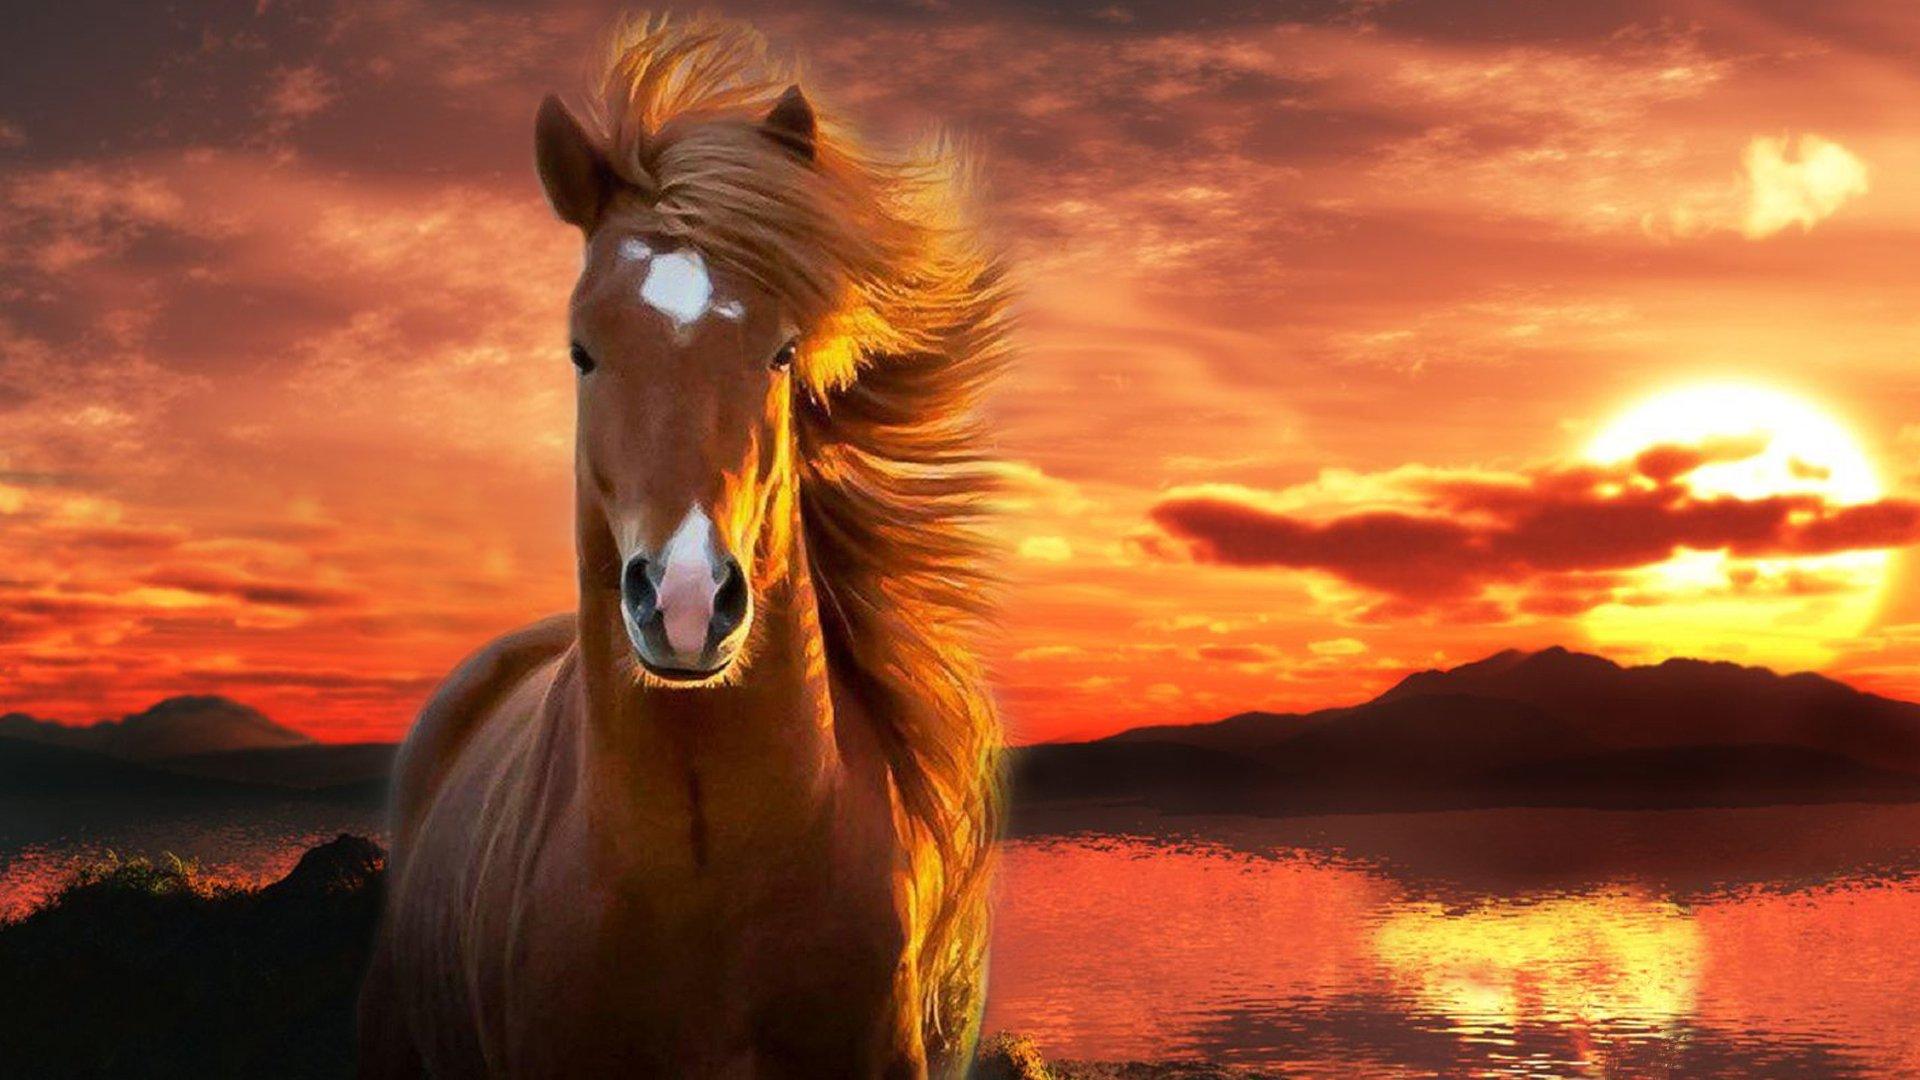 صور خيول عربية , صور حصان عربي اصيل